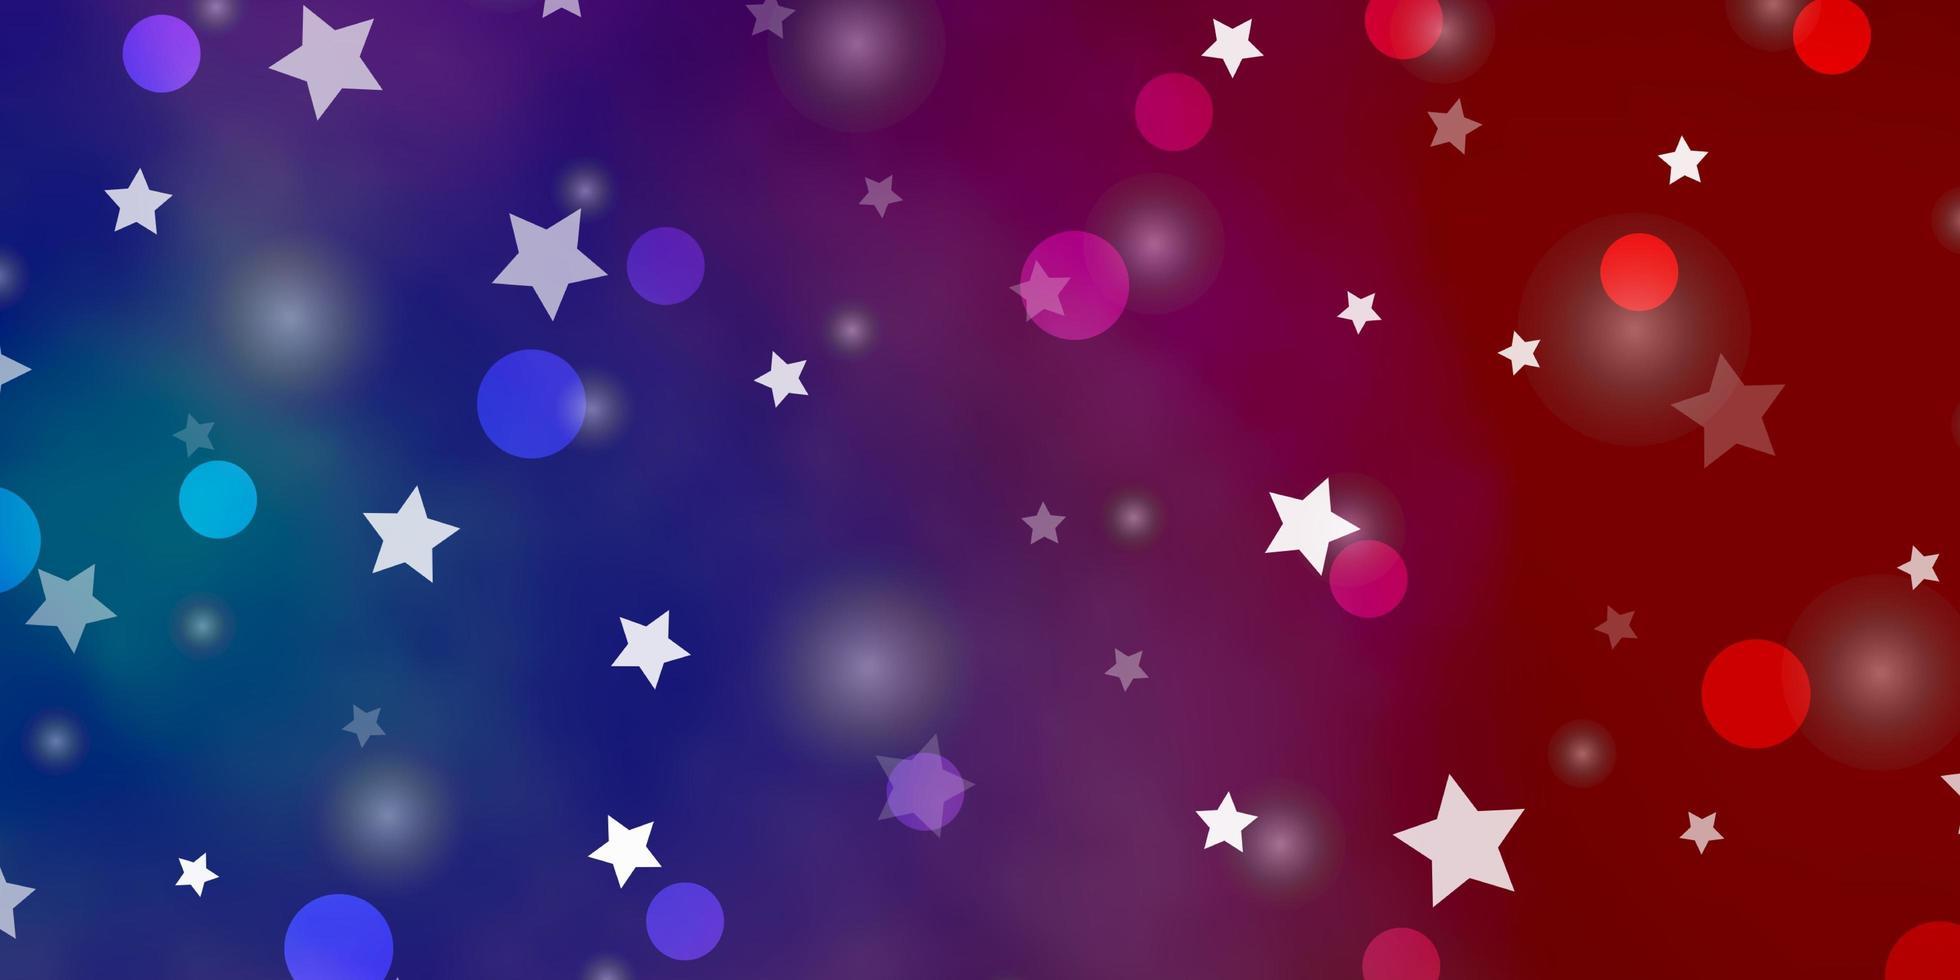 hellblaue, rote Textur mit Kreisen, Sternen. vektor